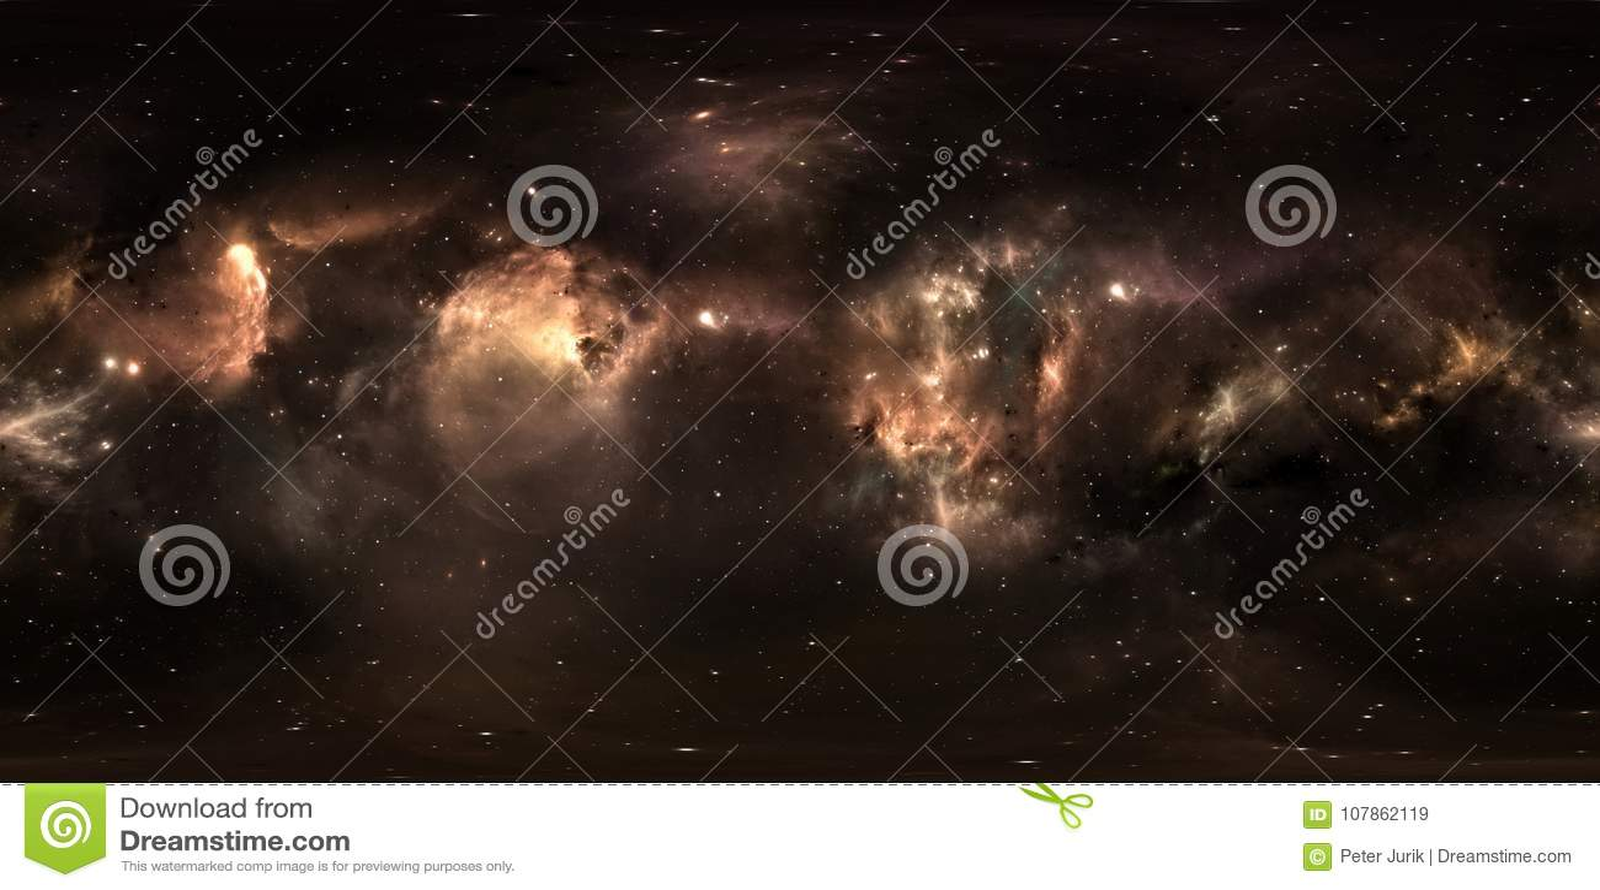 Διαστημικό υπόβαθρο με το νεφέλωμα και τα αστέρια σκόνης Πανόραμα, περιβάλλον 360 χάρτης HDRI Προβολή Equirectangular, σφαιρικό π